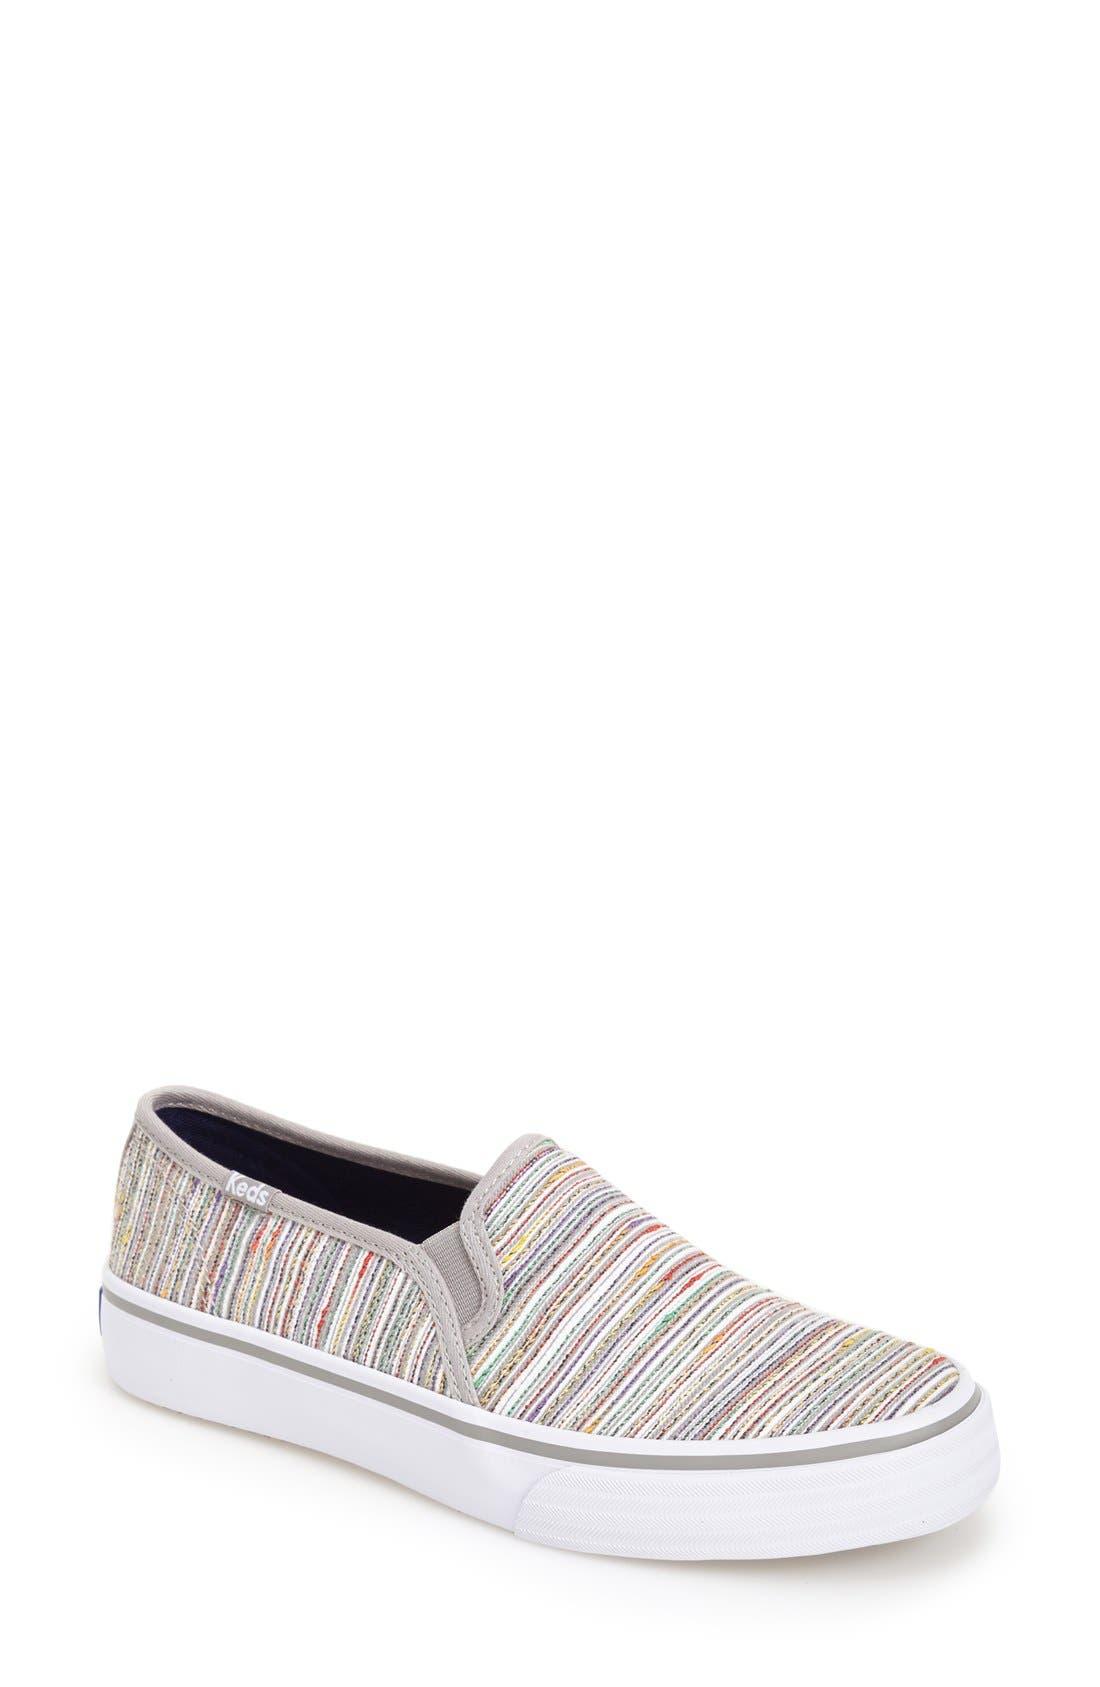 Main Image - Keds® 'Double Decker - Woven Stripe' Slip-On Sneaker (Women)